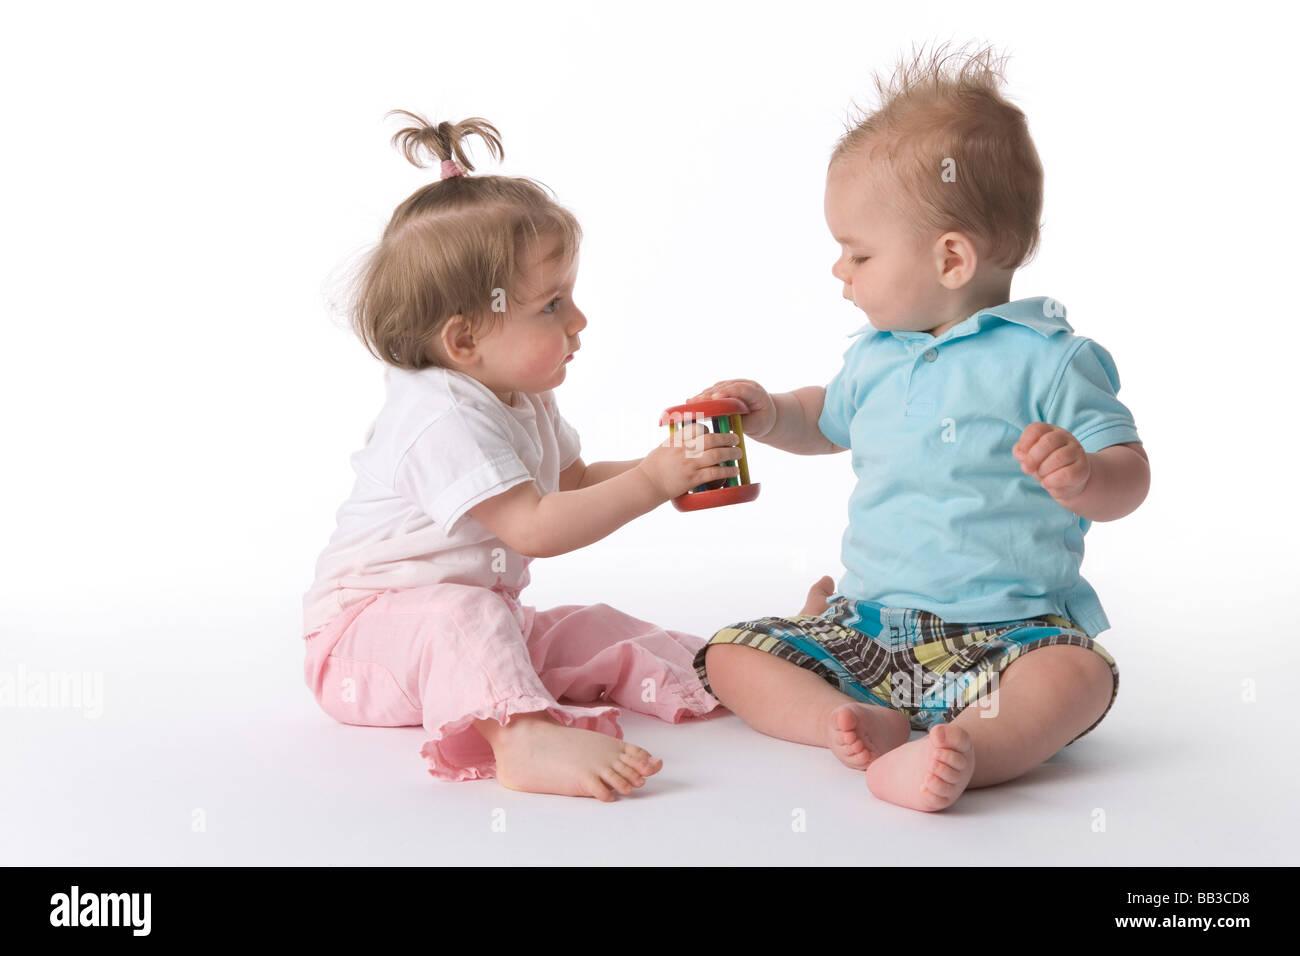 Zwei Kleinkinder spielen mit einem Spielzeug Stockbild